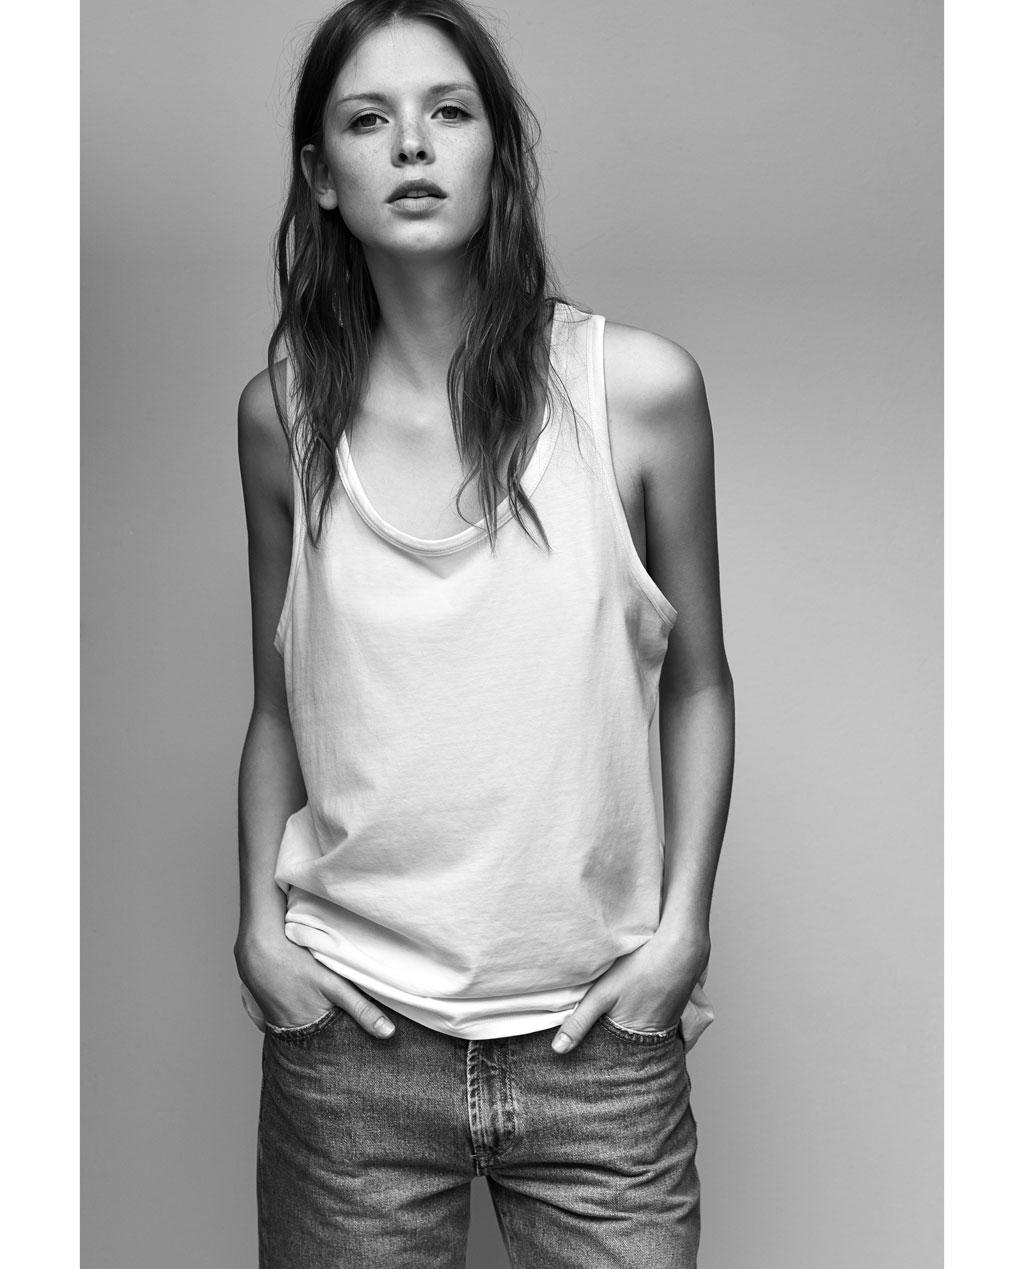 Chicchissima. Zara lancia la Collezione Ungendered